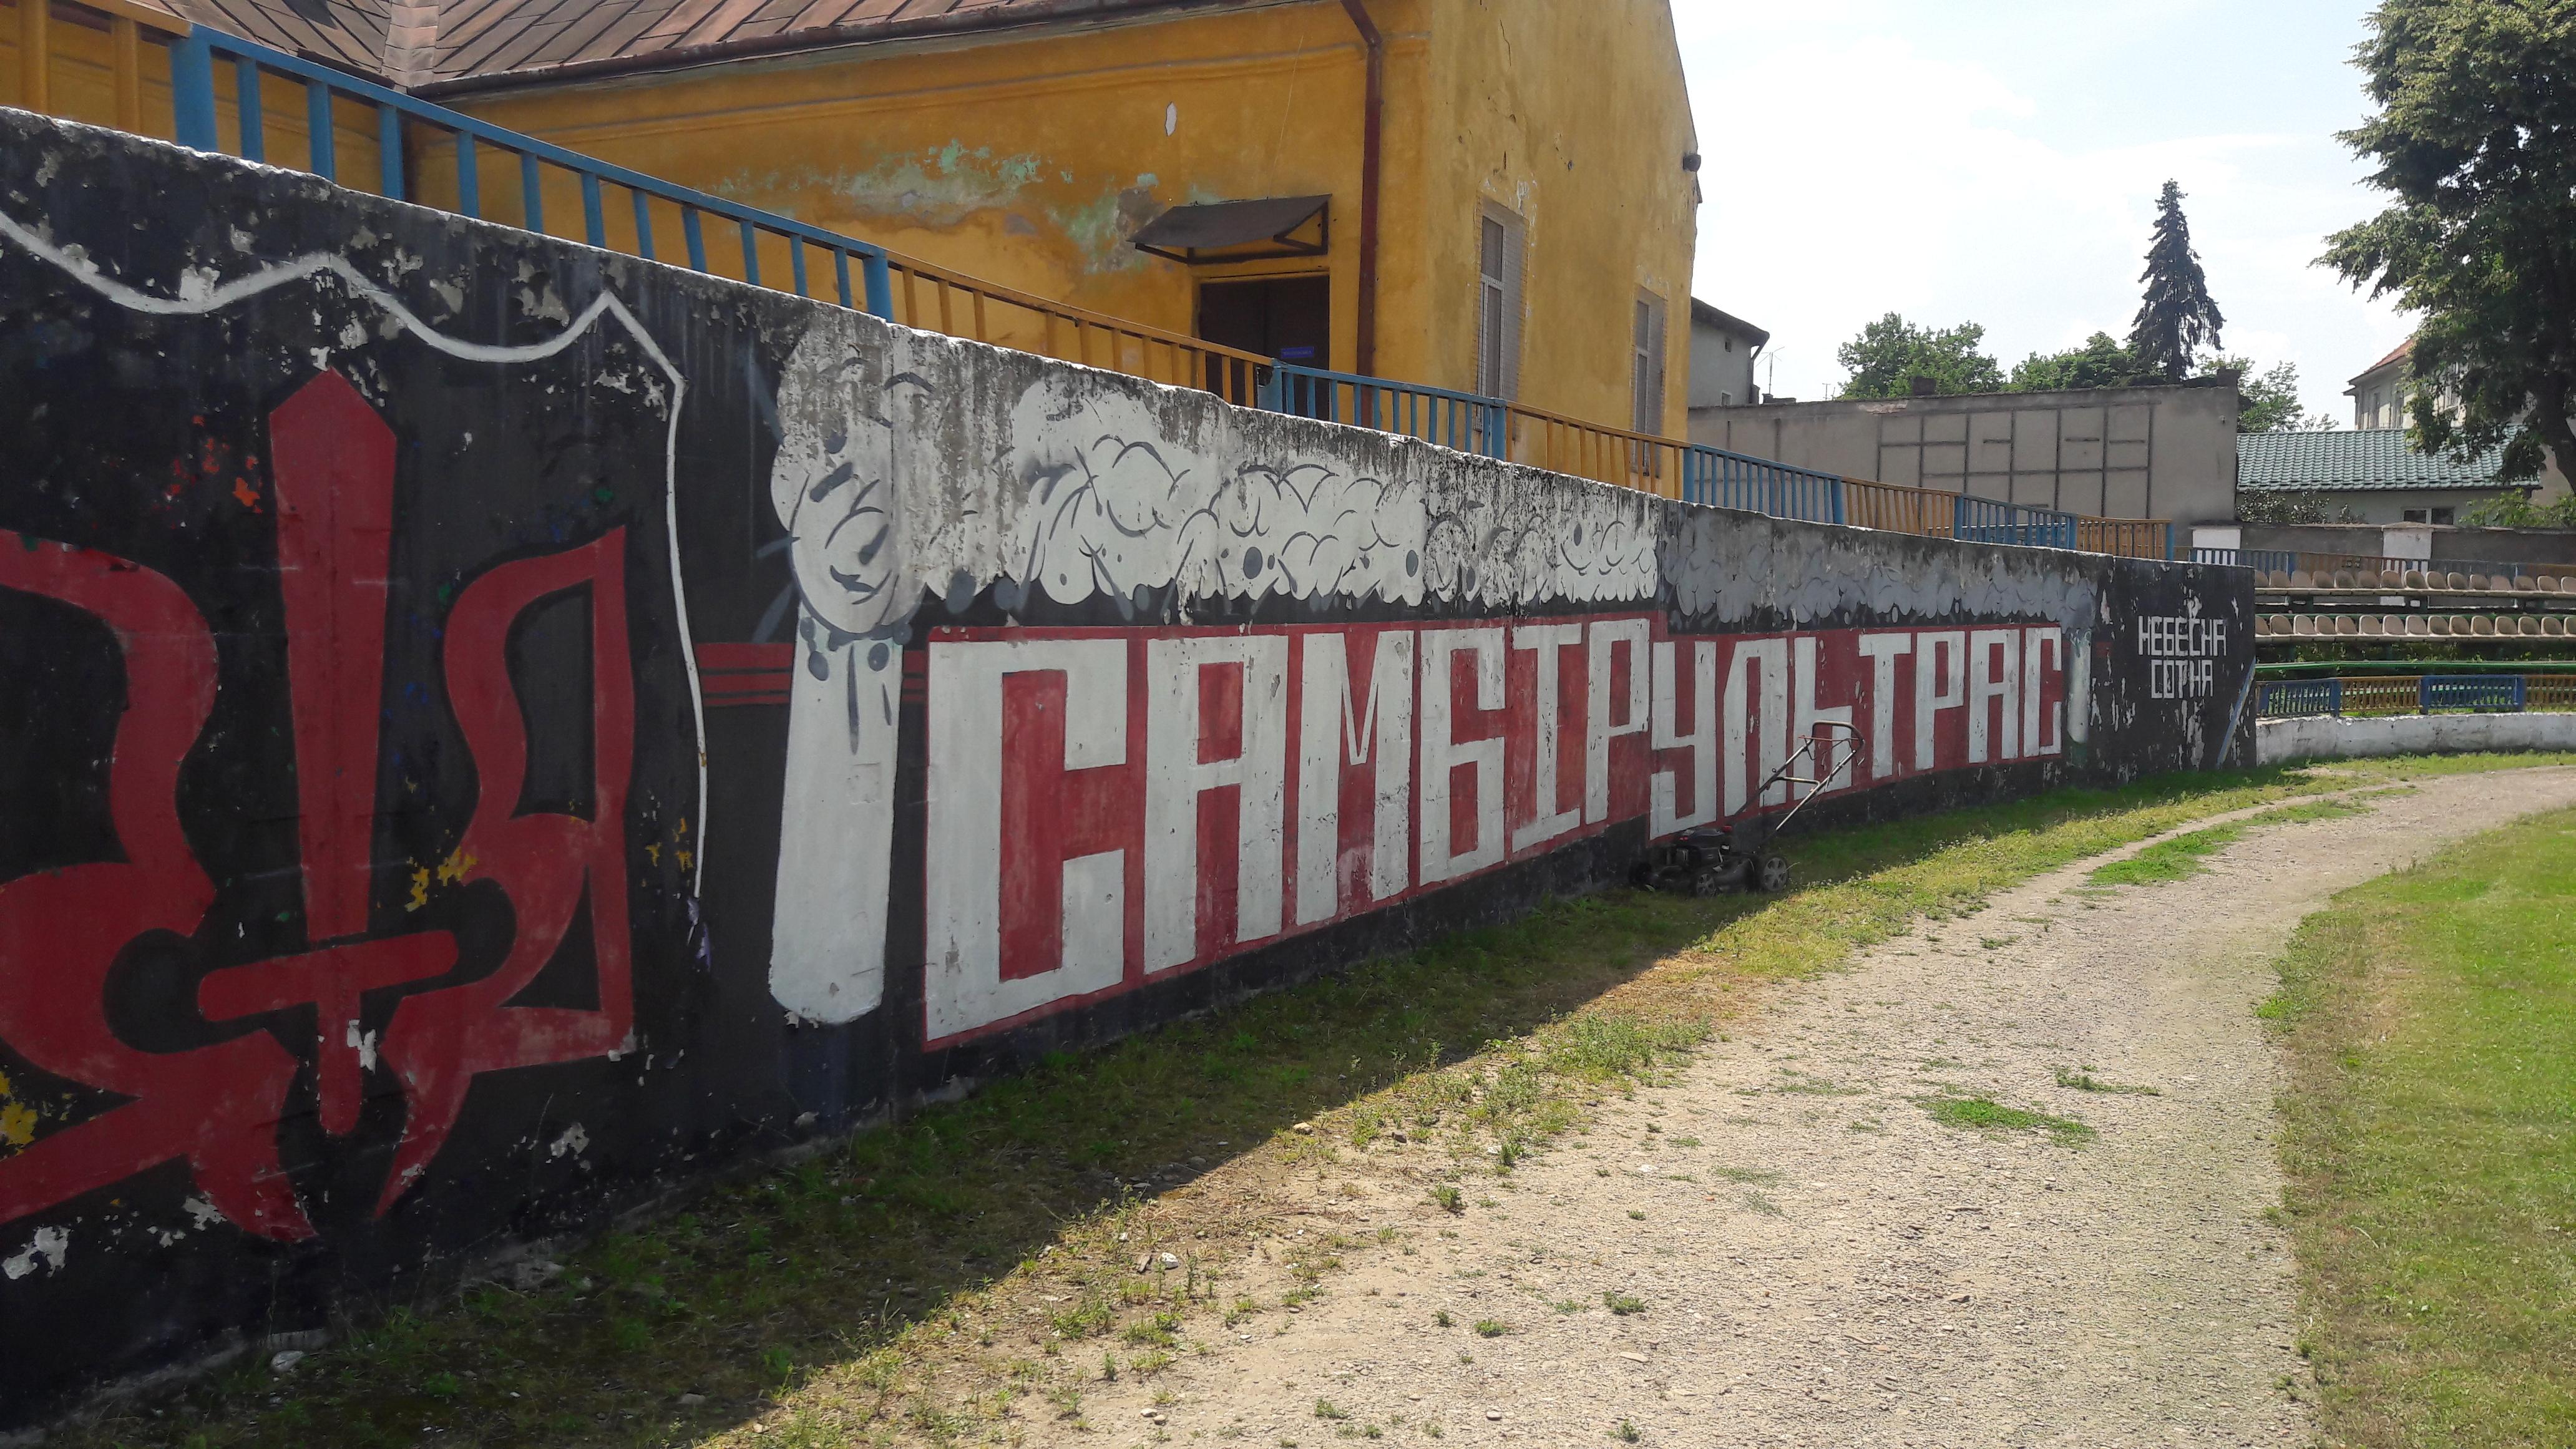 Провінційні стадіони України: Дерев'яно-пластикова арена у Самборі - фото 11